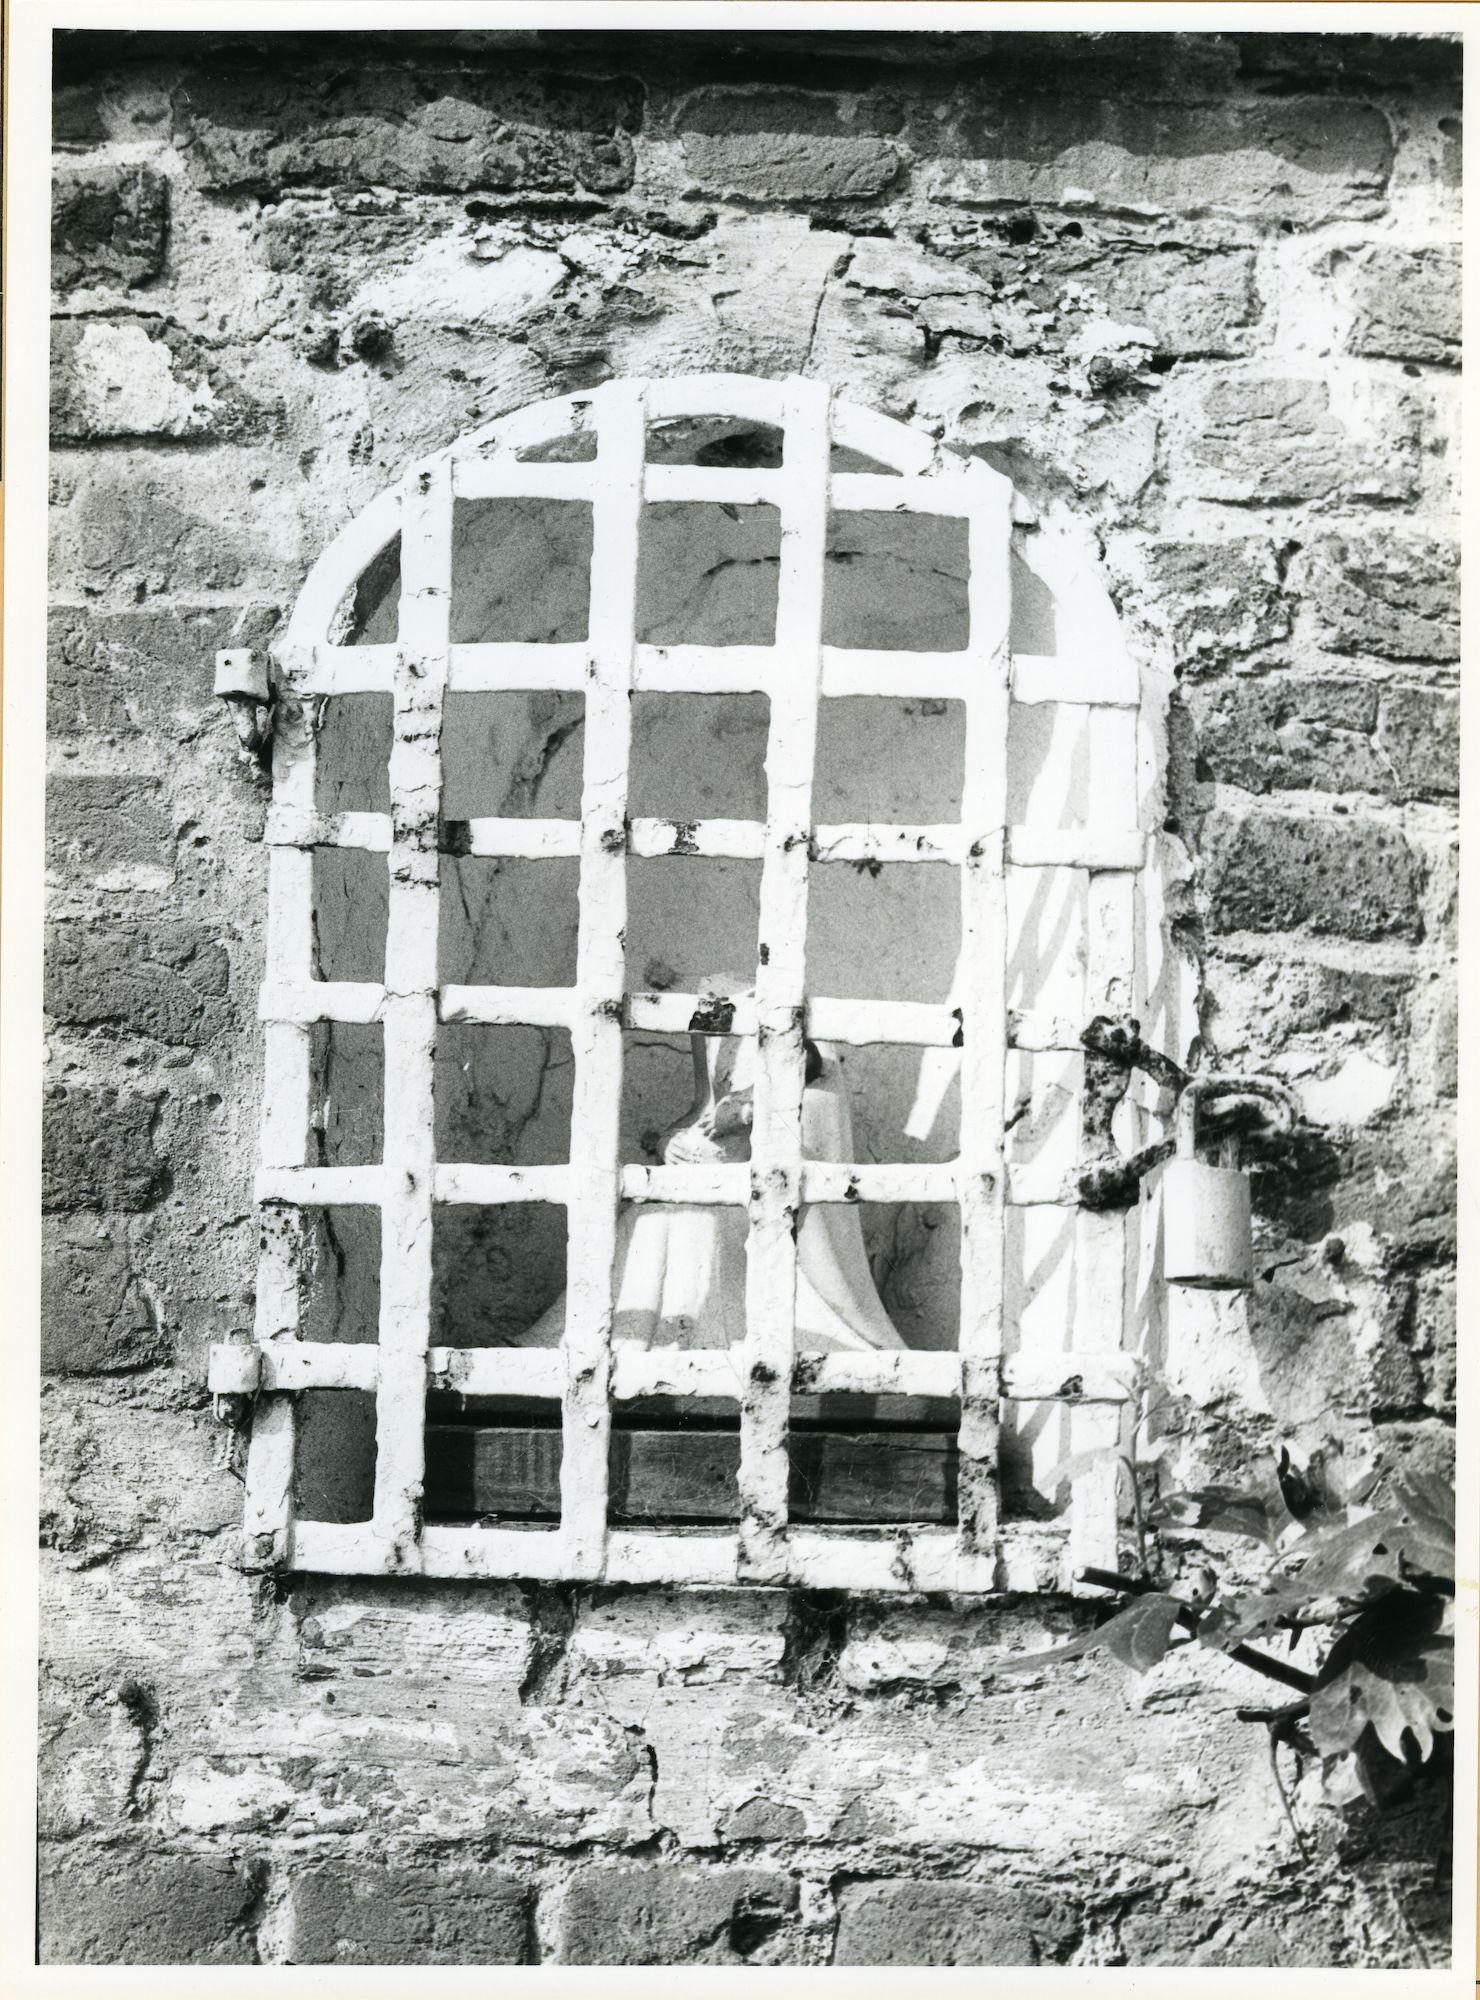 St.-Amandsberg: Beelbroekstraat 10: Niskapel, 1979